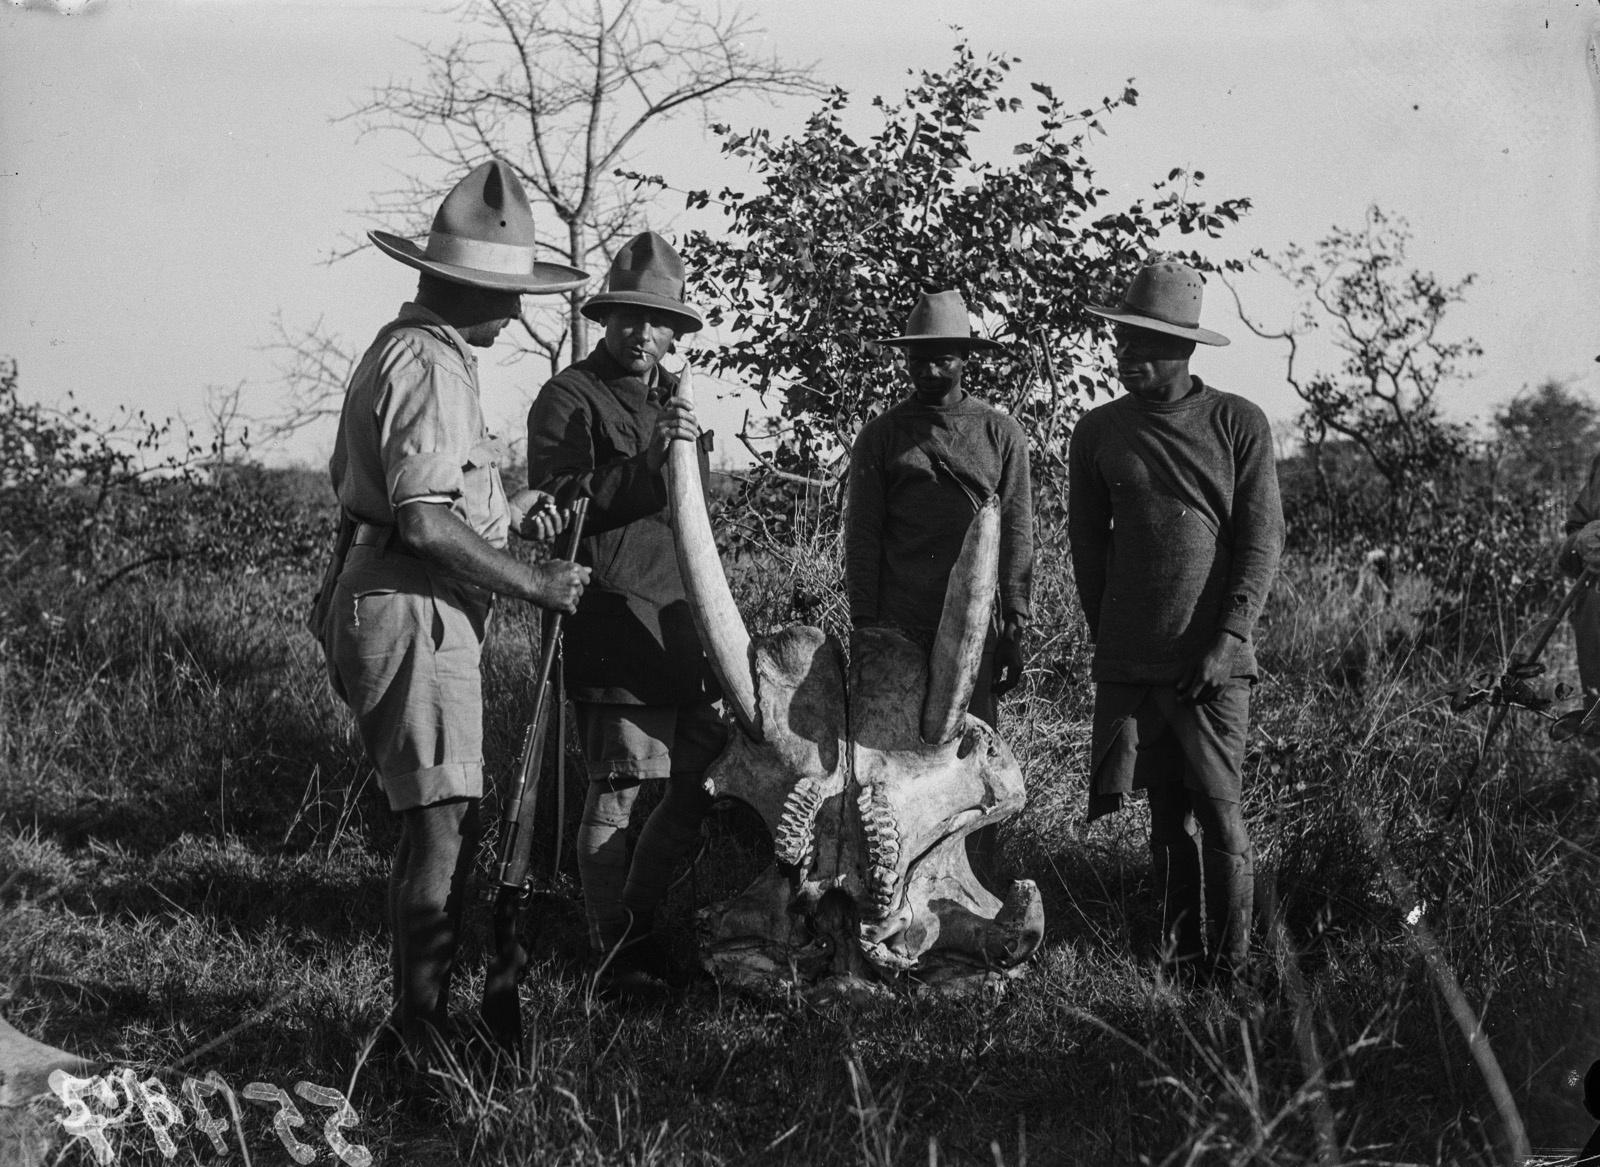 Национальный парк Крюгера. Четверо мужчин вокруг черепа слона